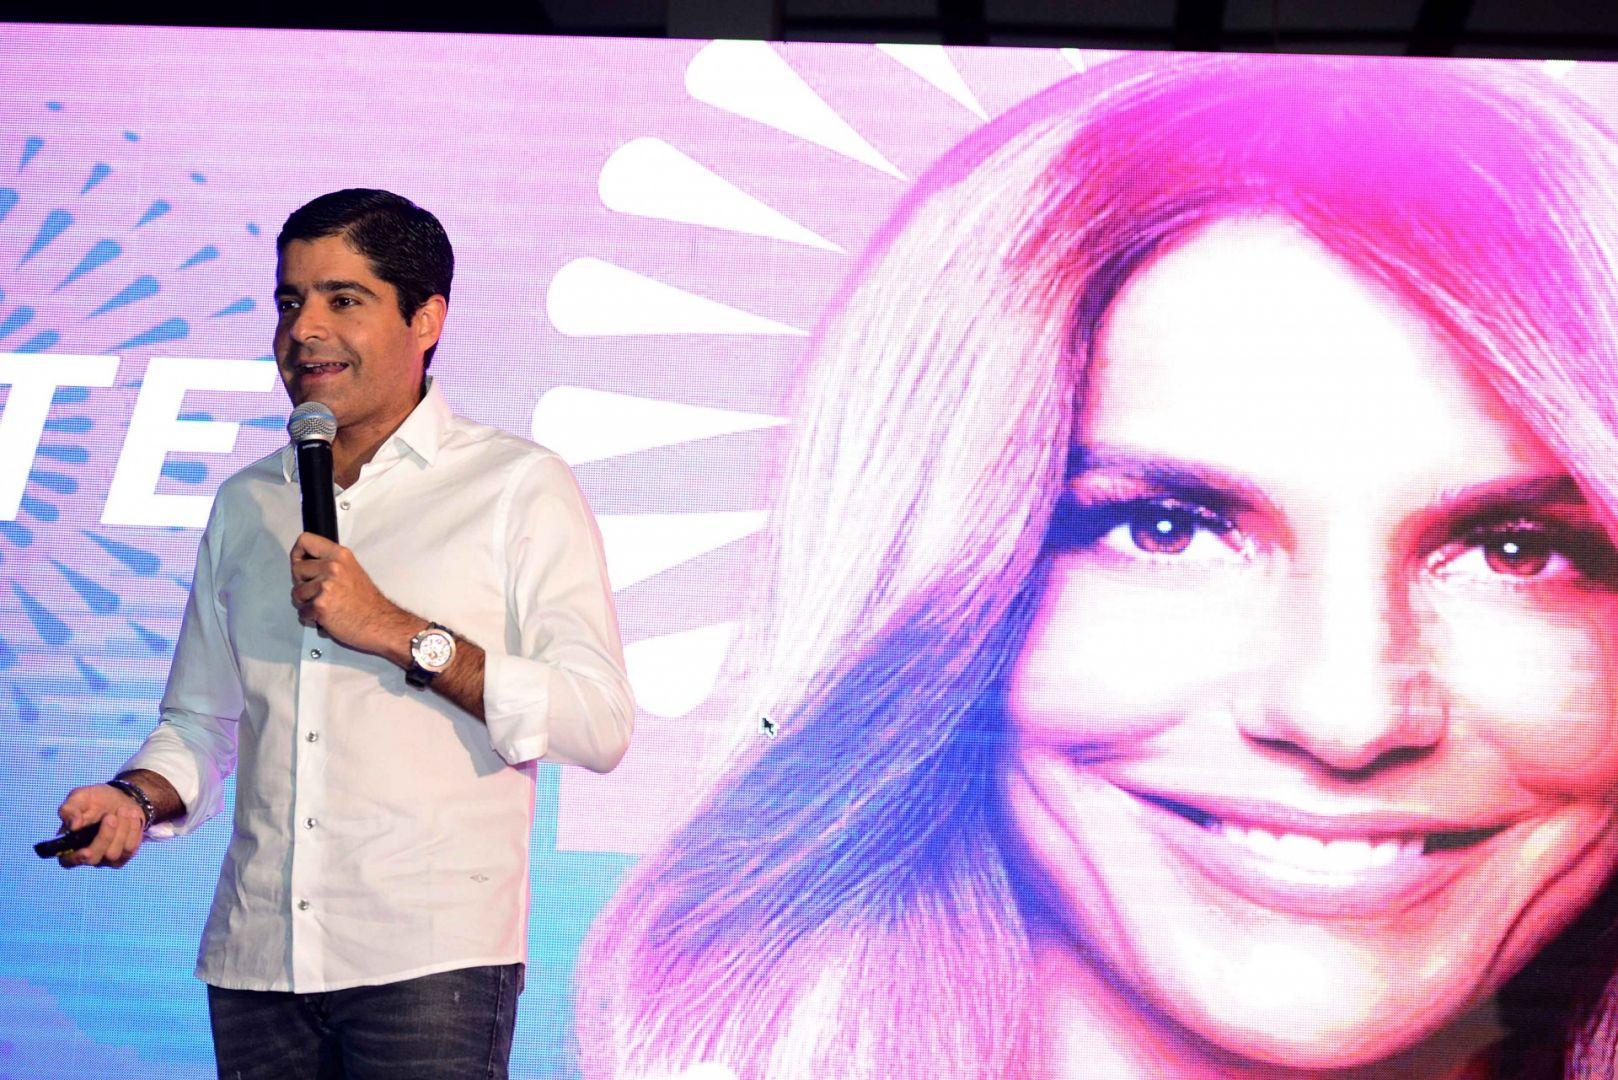 O prefeito ACM Neto apresentou o esperado Reveillon de Salvador  de 5 dias com alto investimento na grade de atrações.